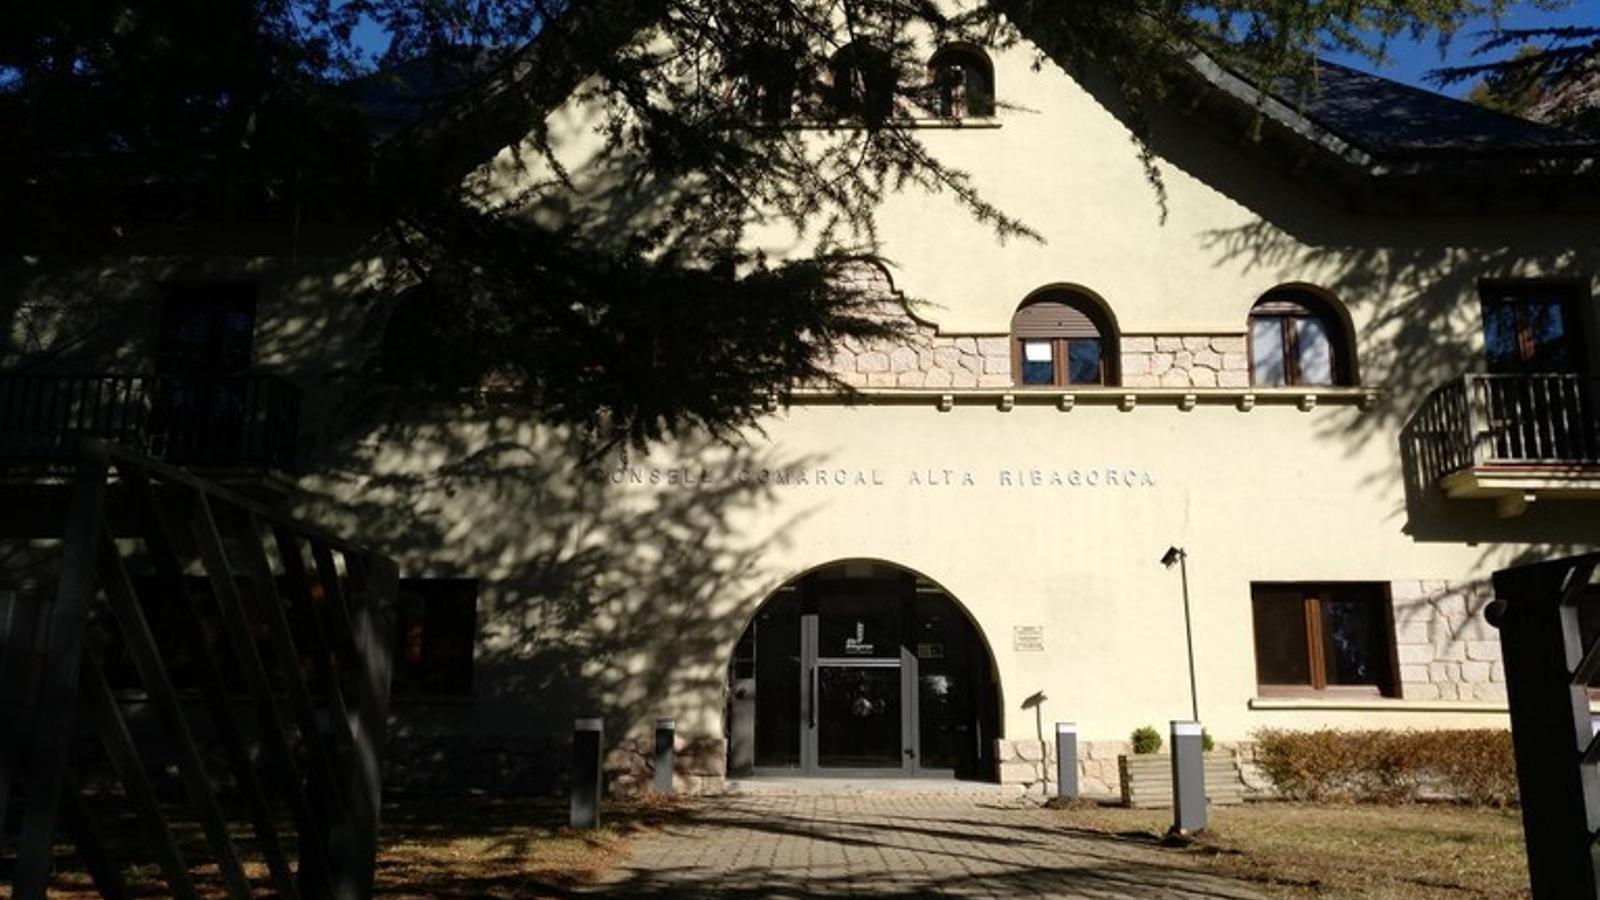 Façana principal de l'edifici del Consell. / CONSELL COMARCAL DE L'ALTA RIBAGORÇA